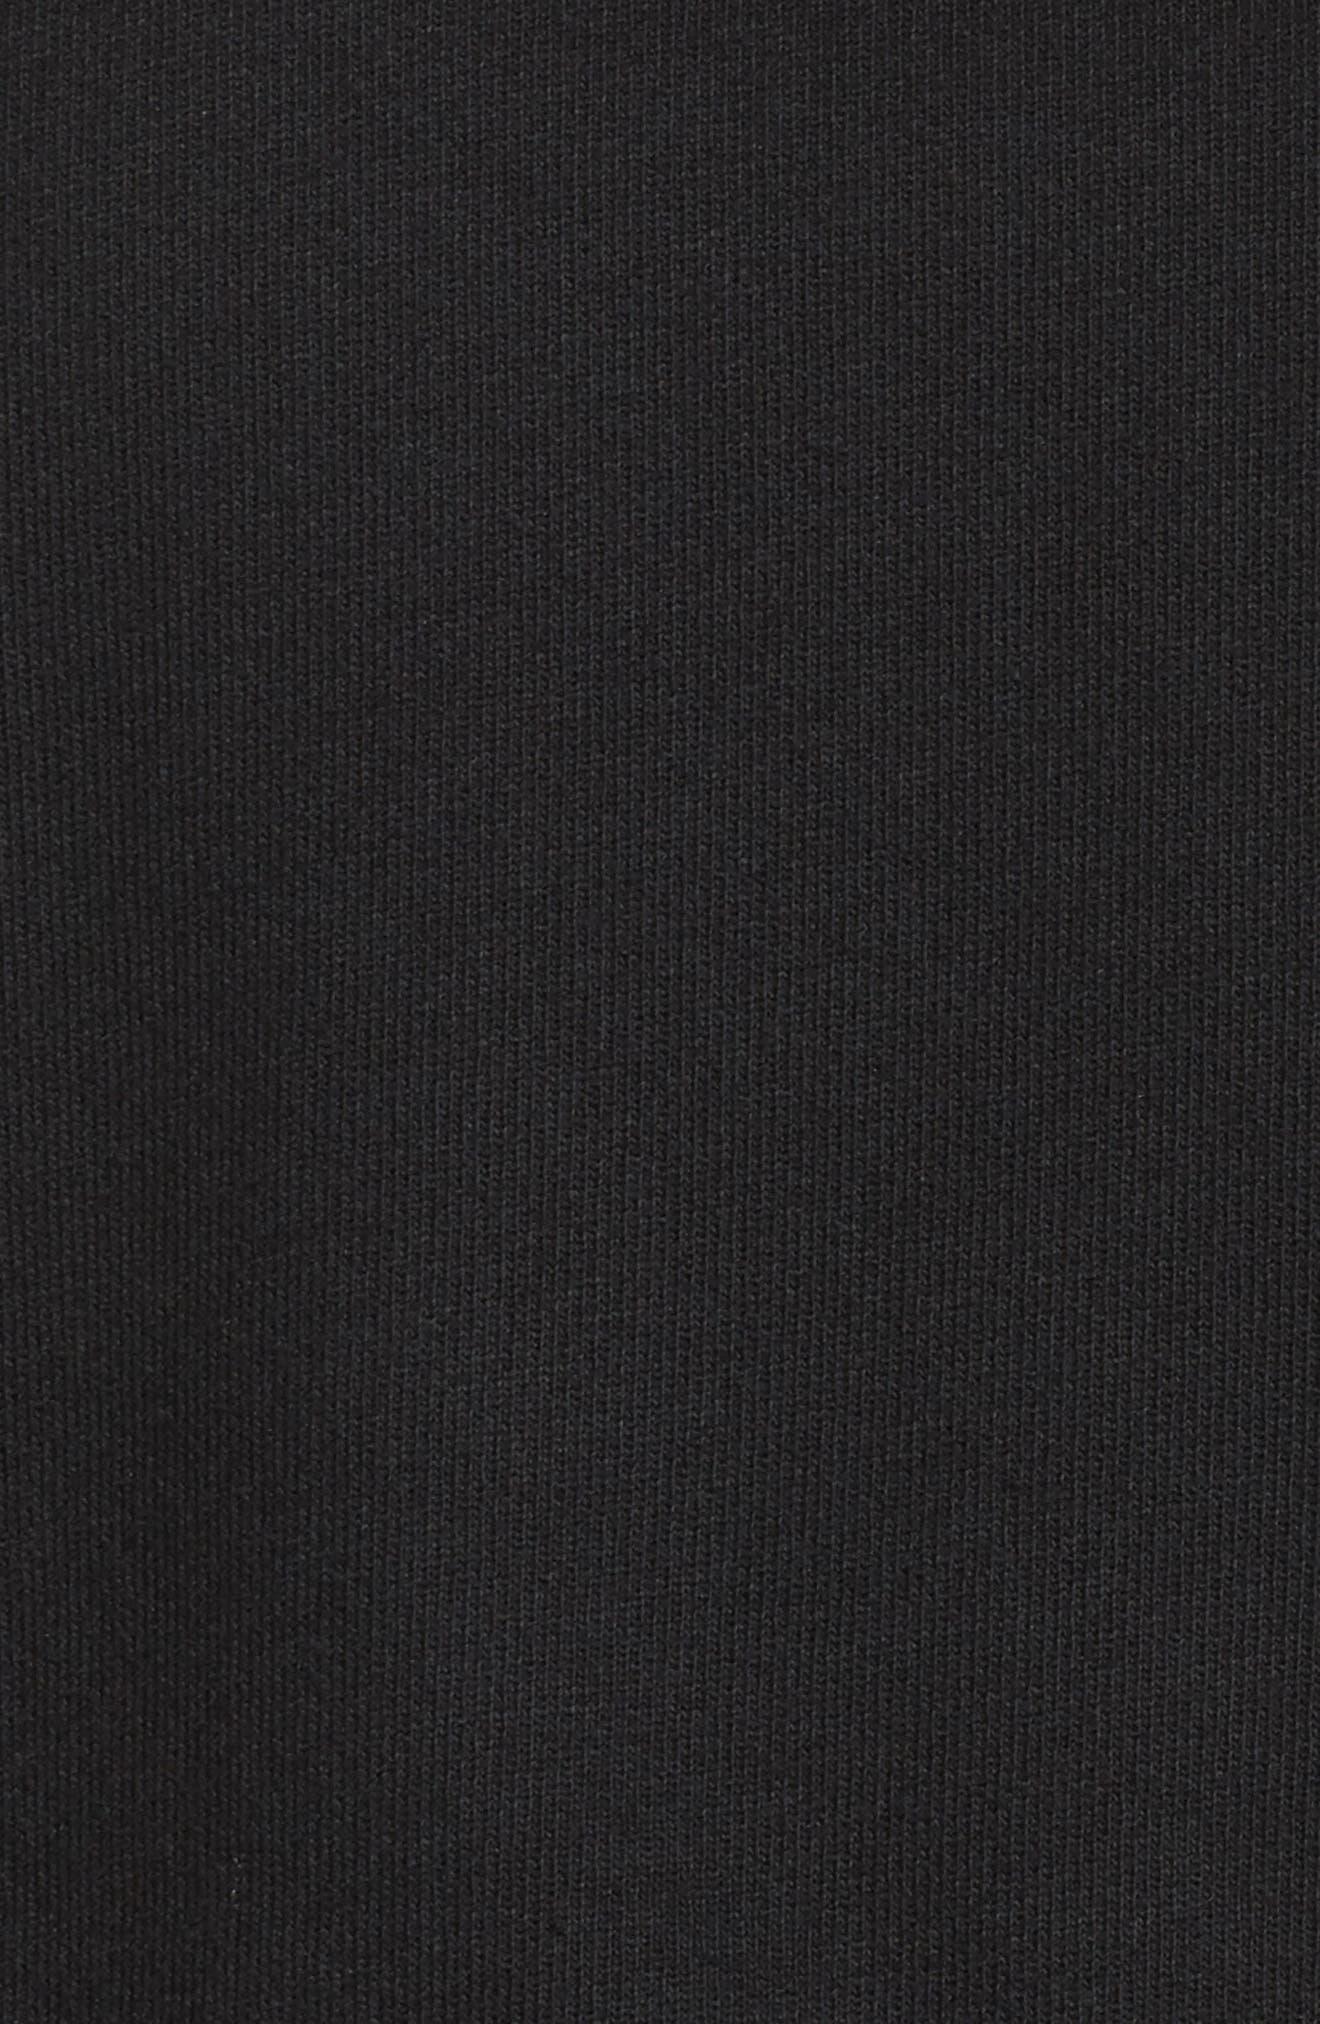 Peak Cutout Long Sleeve Pullover Crop Hoodie,                             Alternate thumbnail 7, color,                             Black